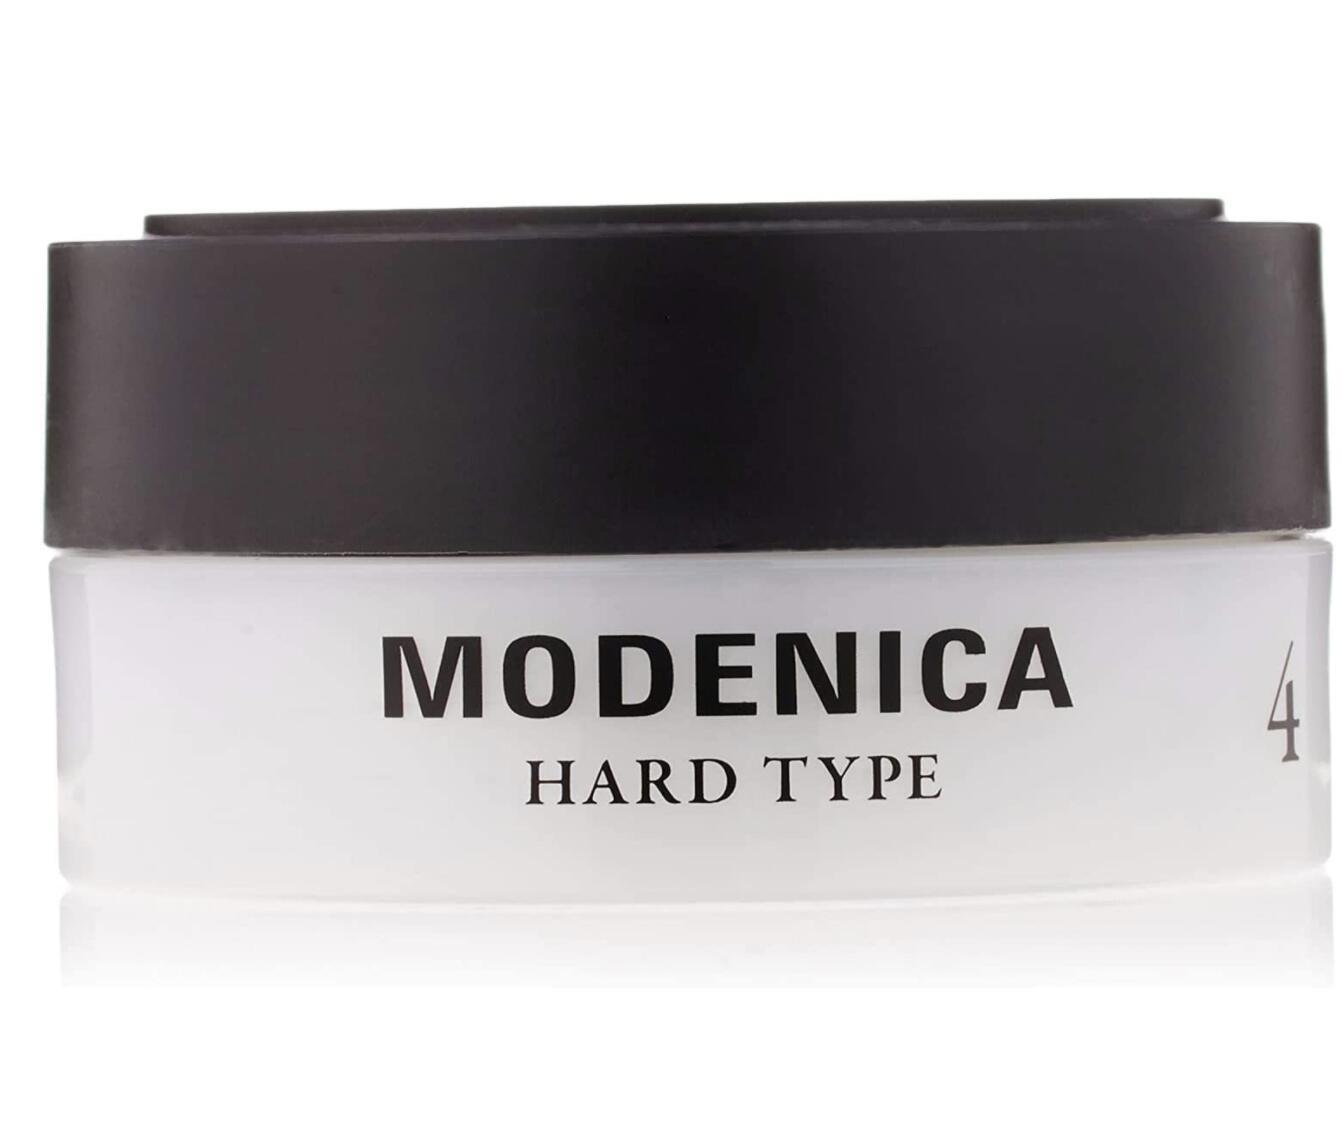 軽さのあるヘアスタイルをキープできるハードタイプのワックスです モデニカ 日本産 ワックス4 60g お金を節約 3個セット